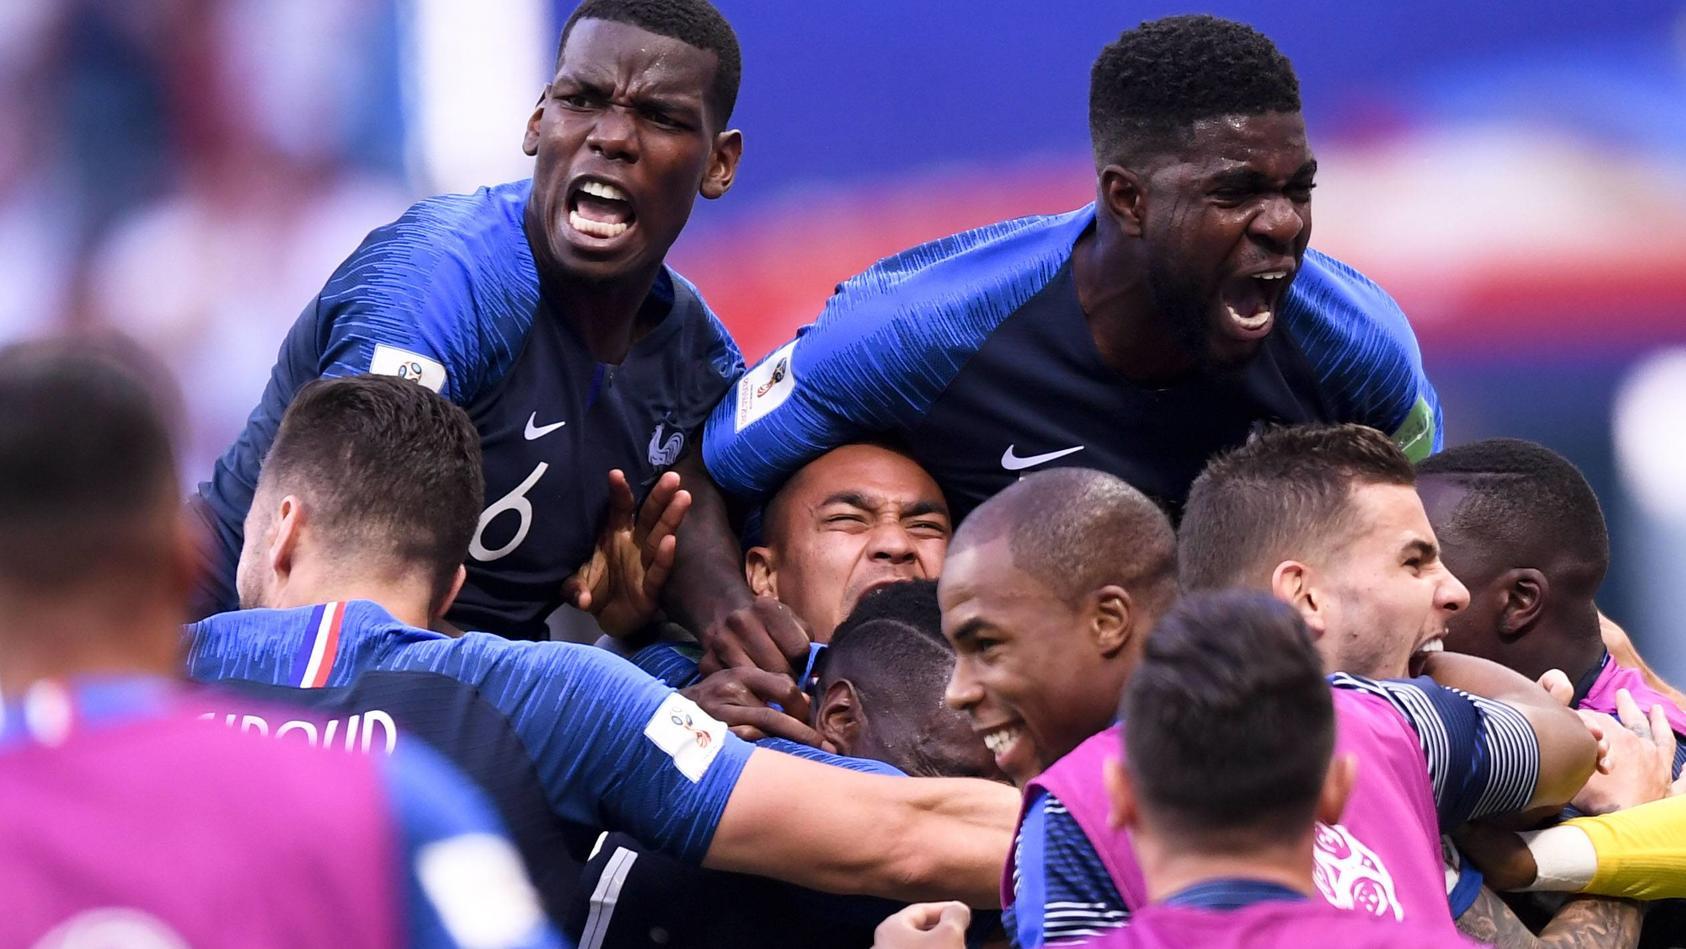 Gegen Argentinien wuchsen die Franzosen über sich hinaus. Endet der Höhenflug auf dem Fußball-Olymp?